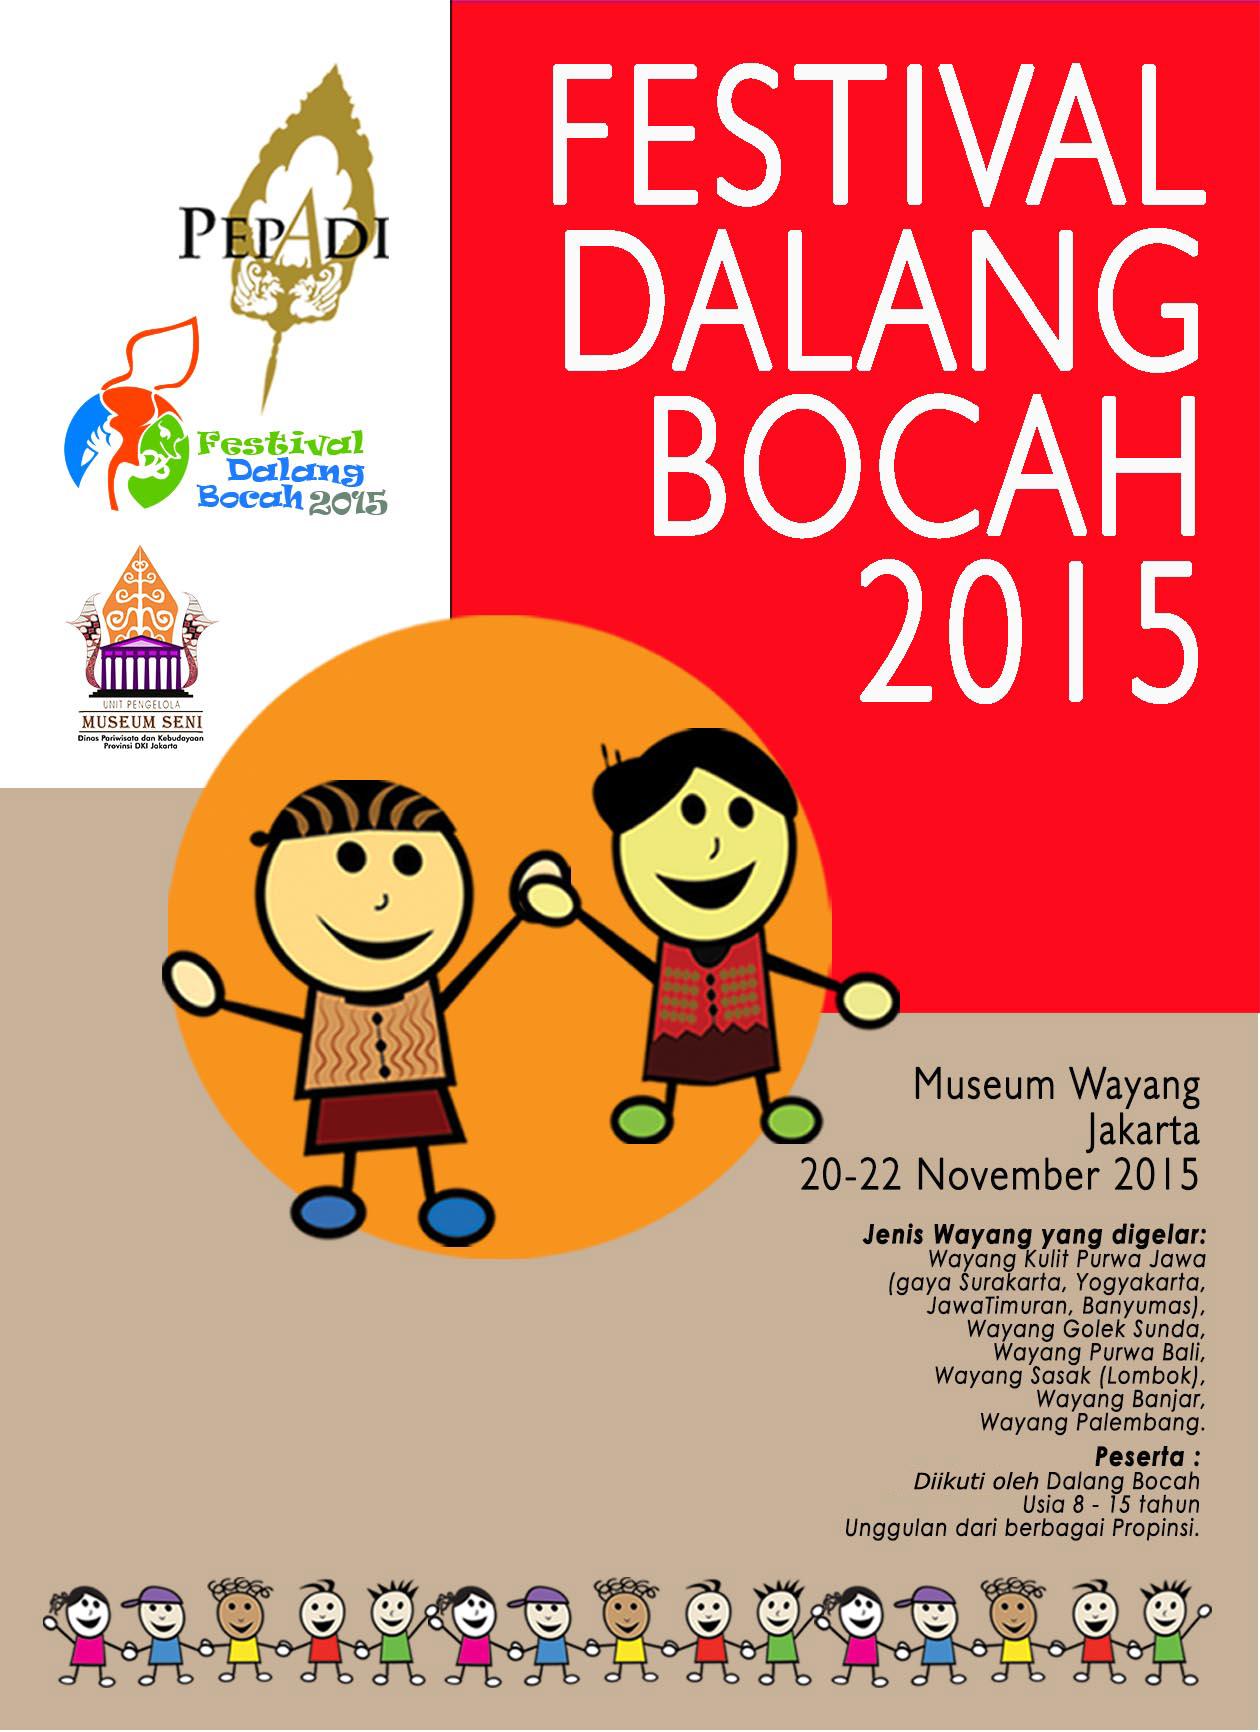 Festival #DalangBocah 2015 dimulai